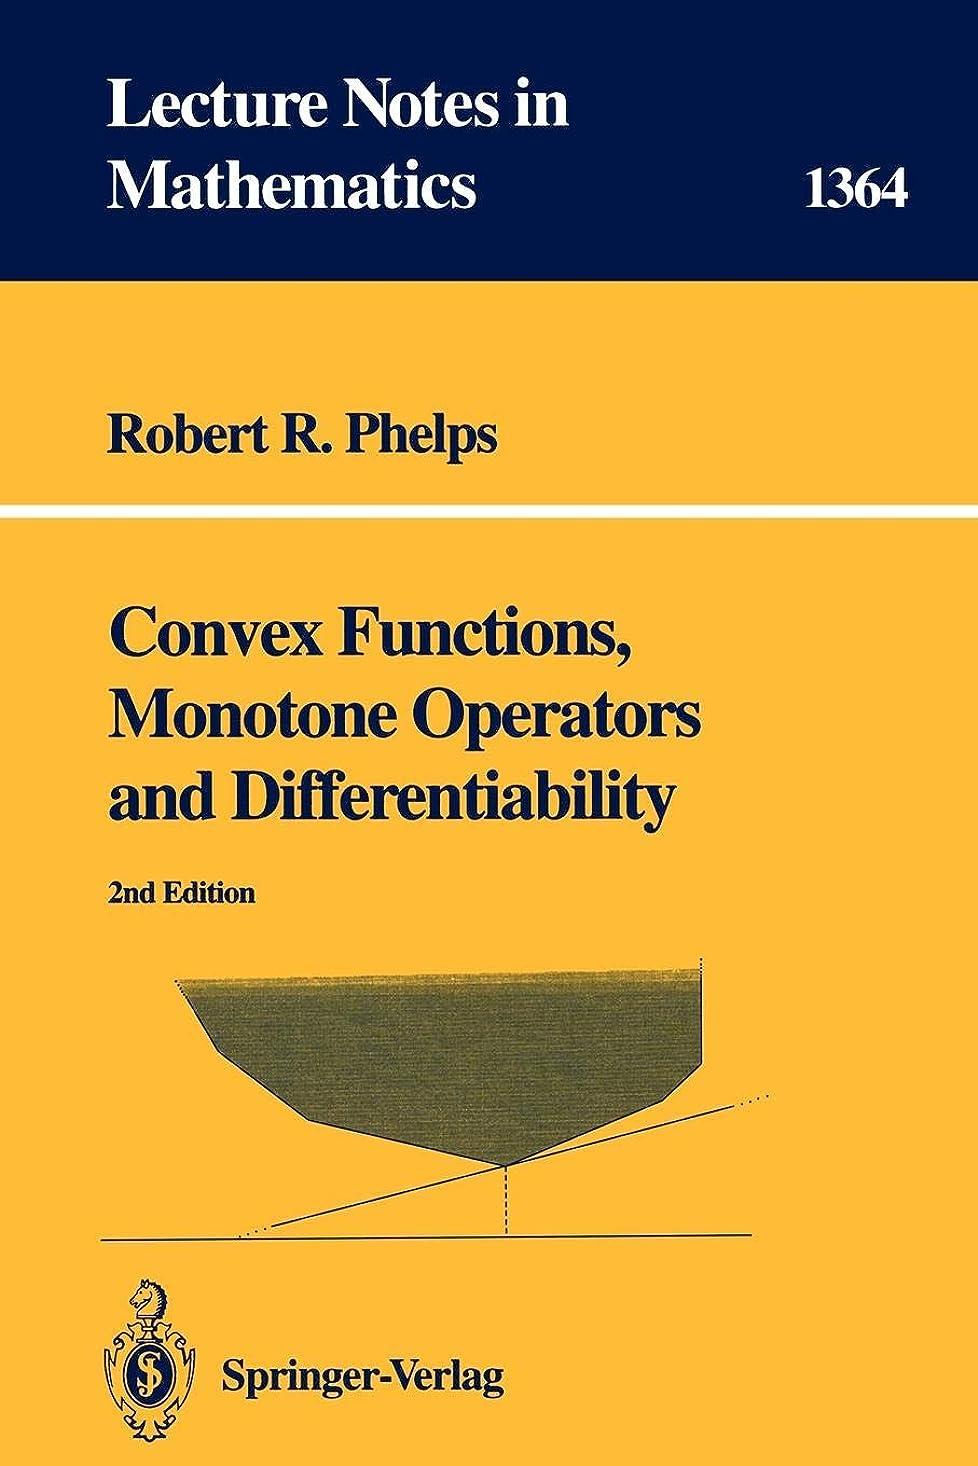 故意のフラスコ義務づけるConvex Functions, Monotone Operators and Differentiability (Lecture Notes in Mathematics)